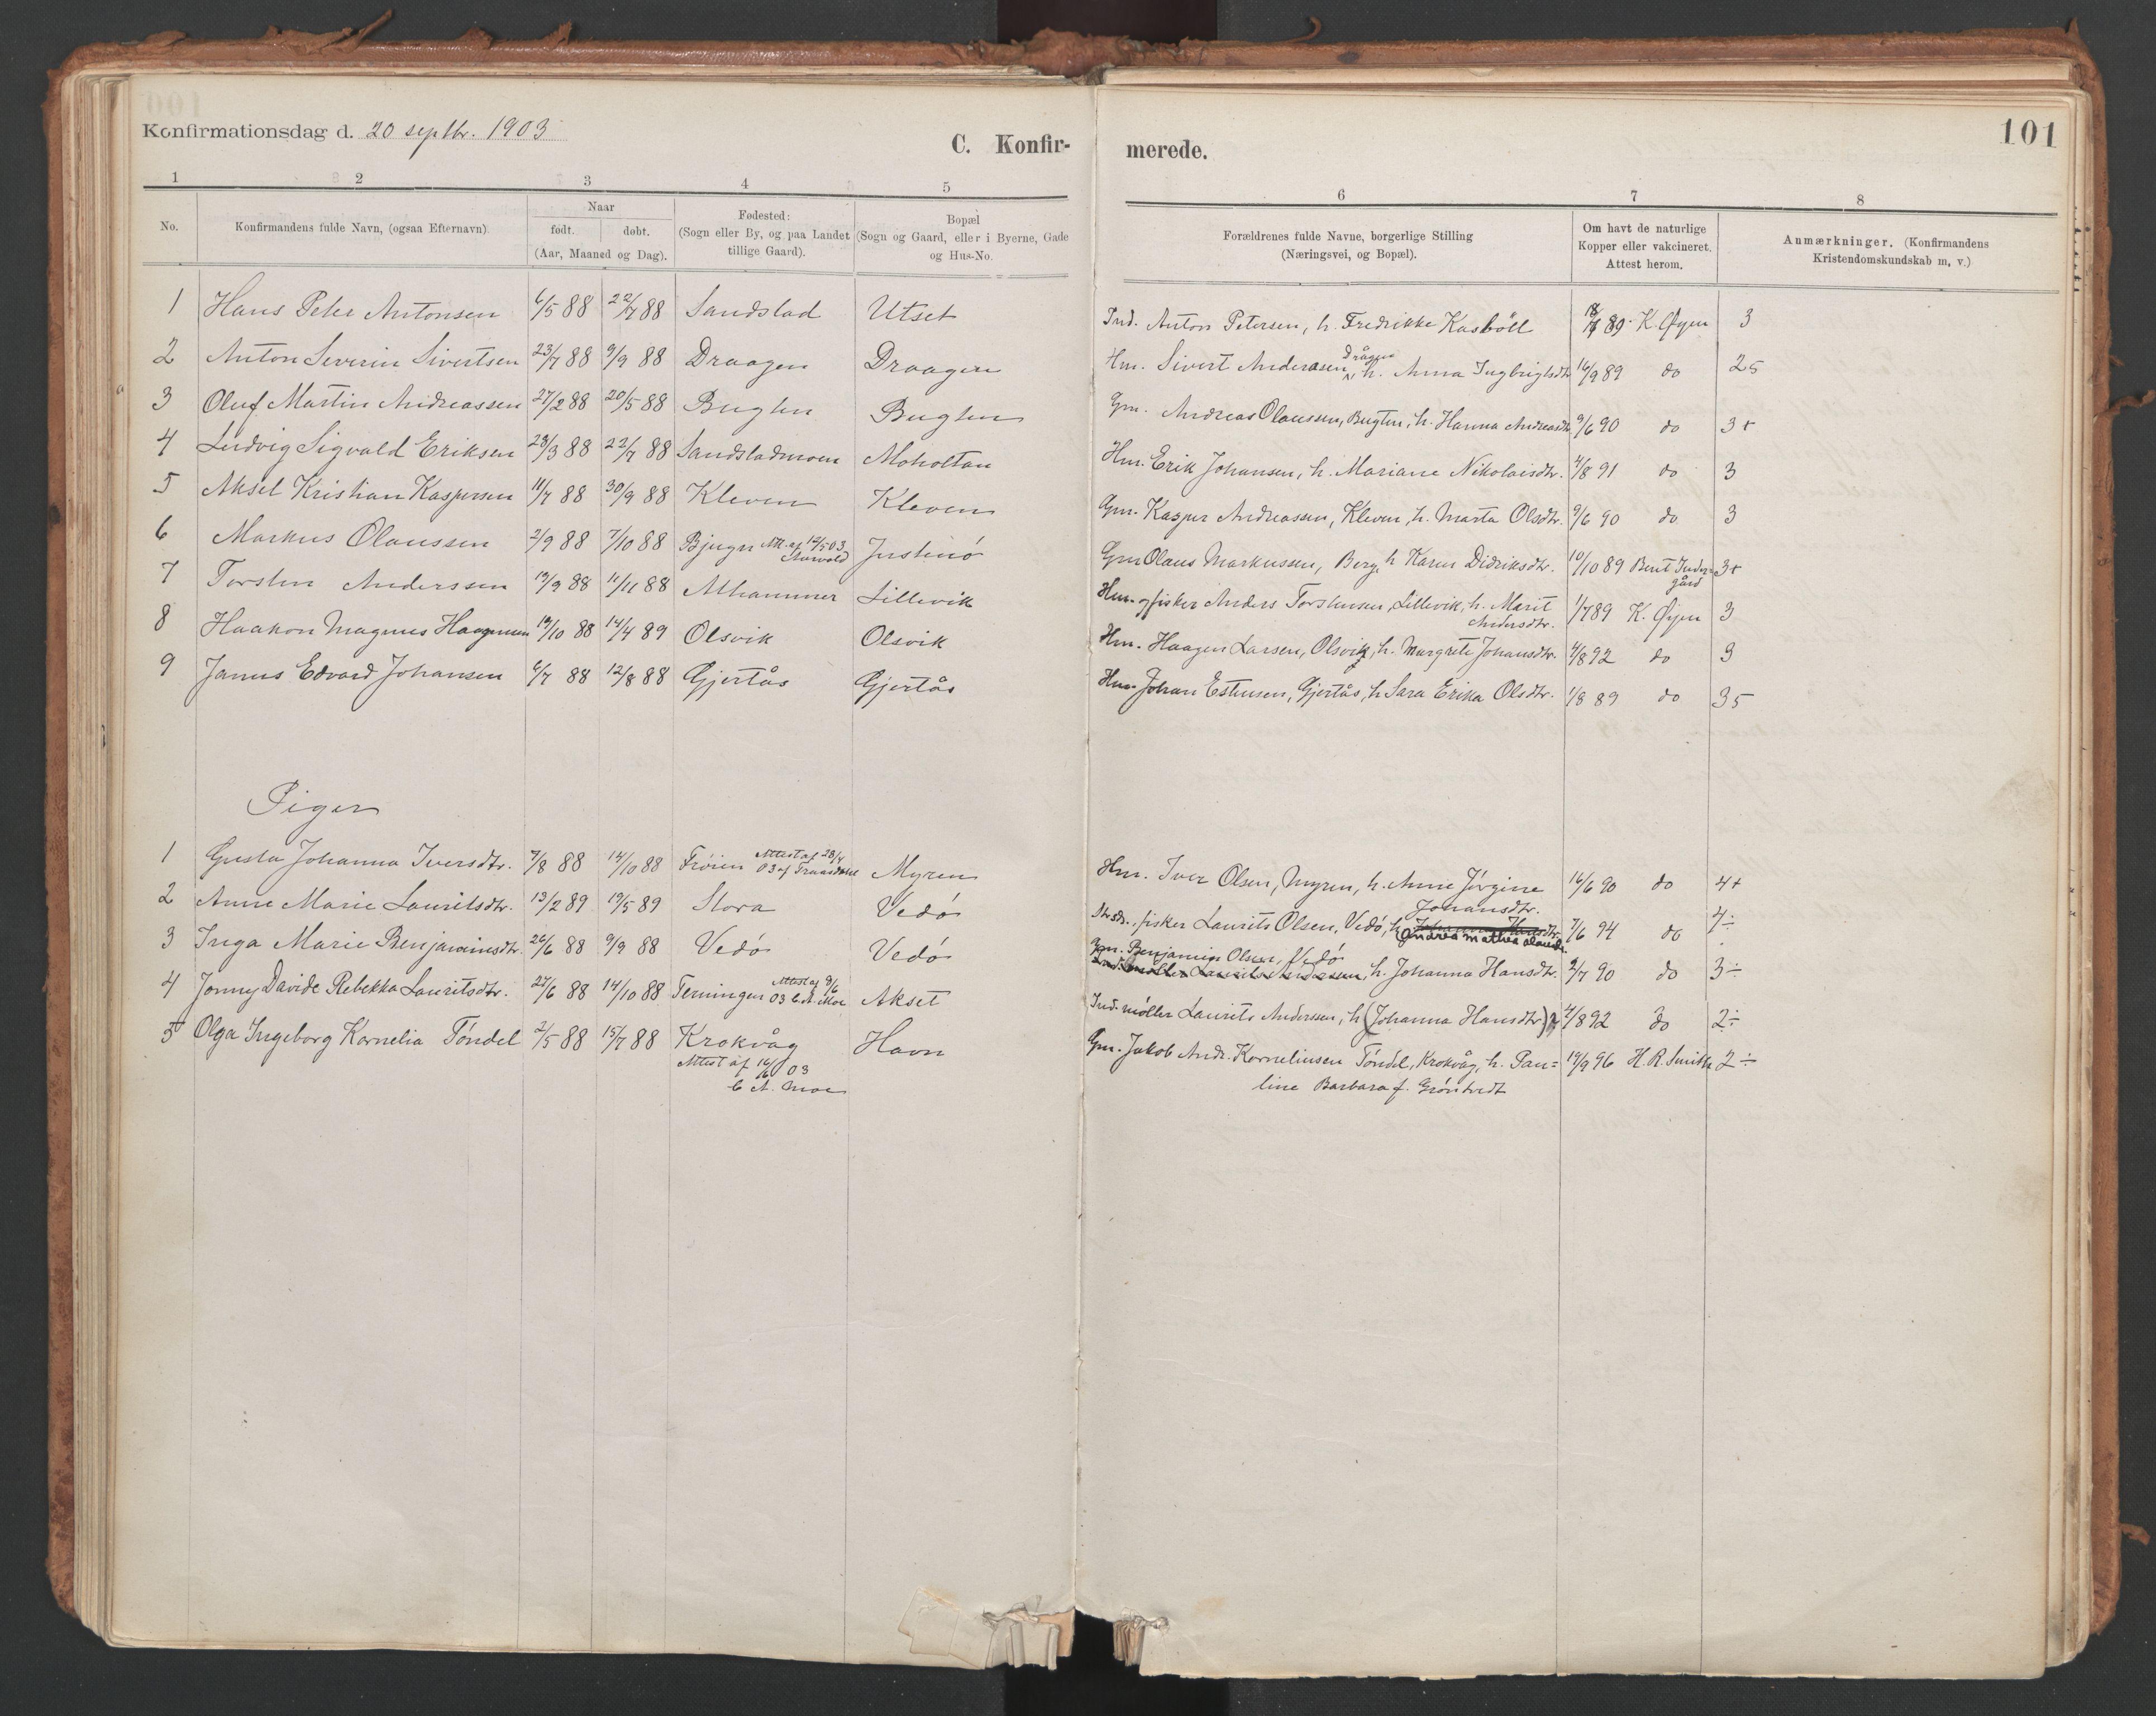 SAT, Ministerialprotokoller, klokkerbøker og fødselsregistre - Sør-Trøndelag, 639/L0572: Ministerialbok nr. 639A01, 1890-1920, s. 101